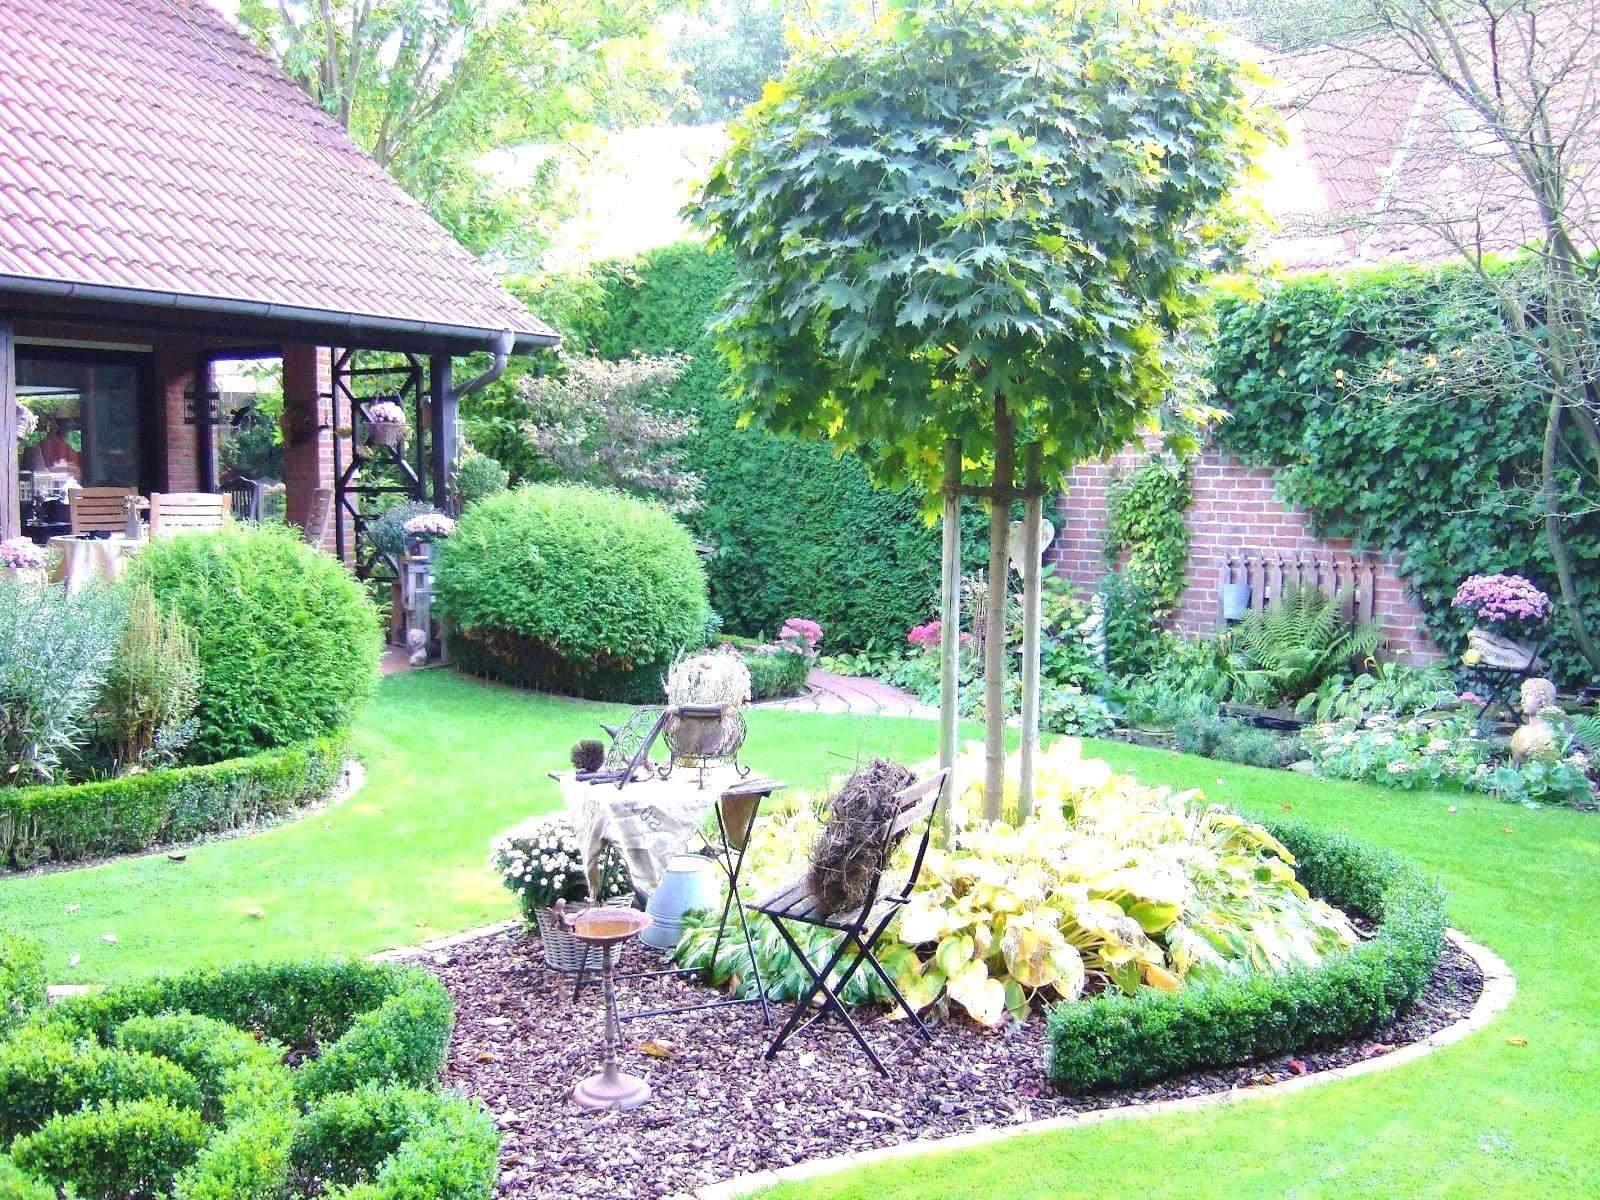 Garten Neu Anlegen Ideen Elegant 30 Einzigartig Garten Gestalten Ideen Frisch